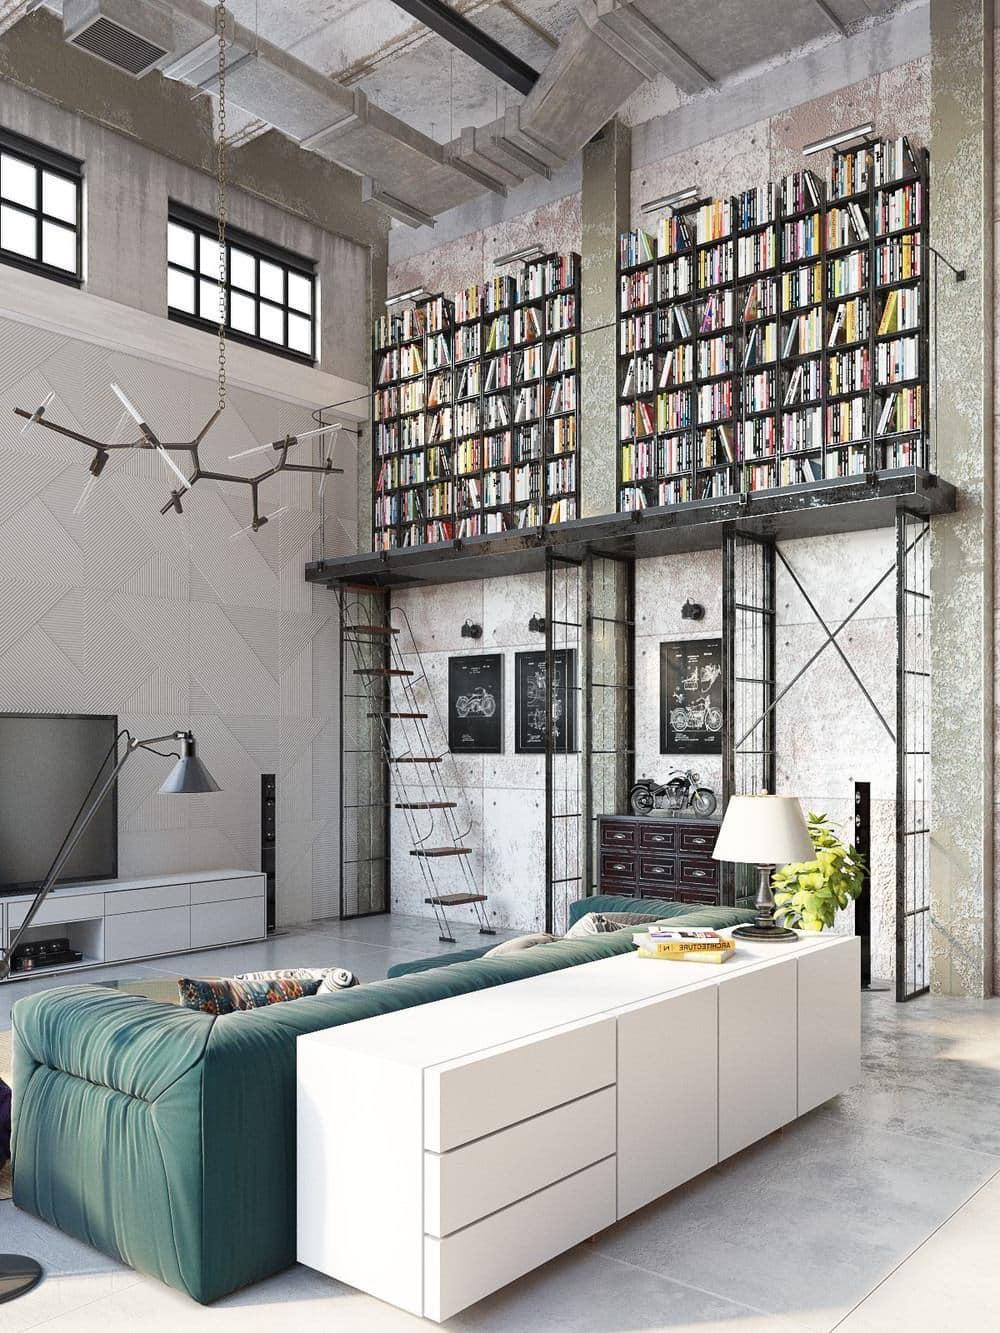 Cet intérieur est une référence en matière de design et de goût dans l'aménagement d'un loft minimaliste.